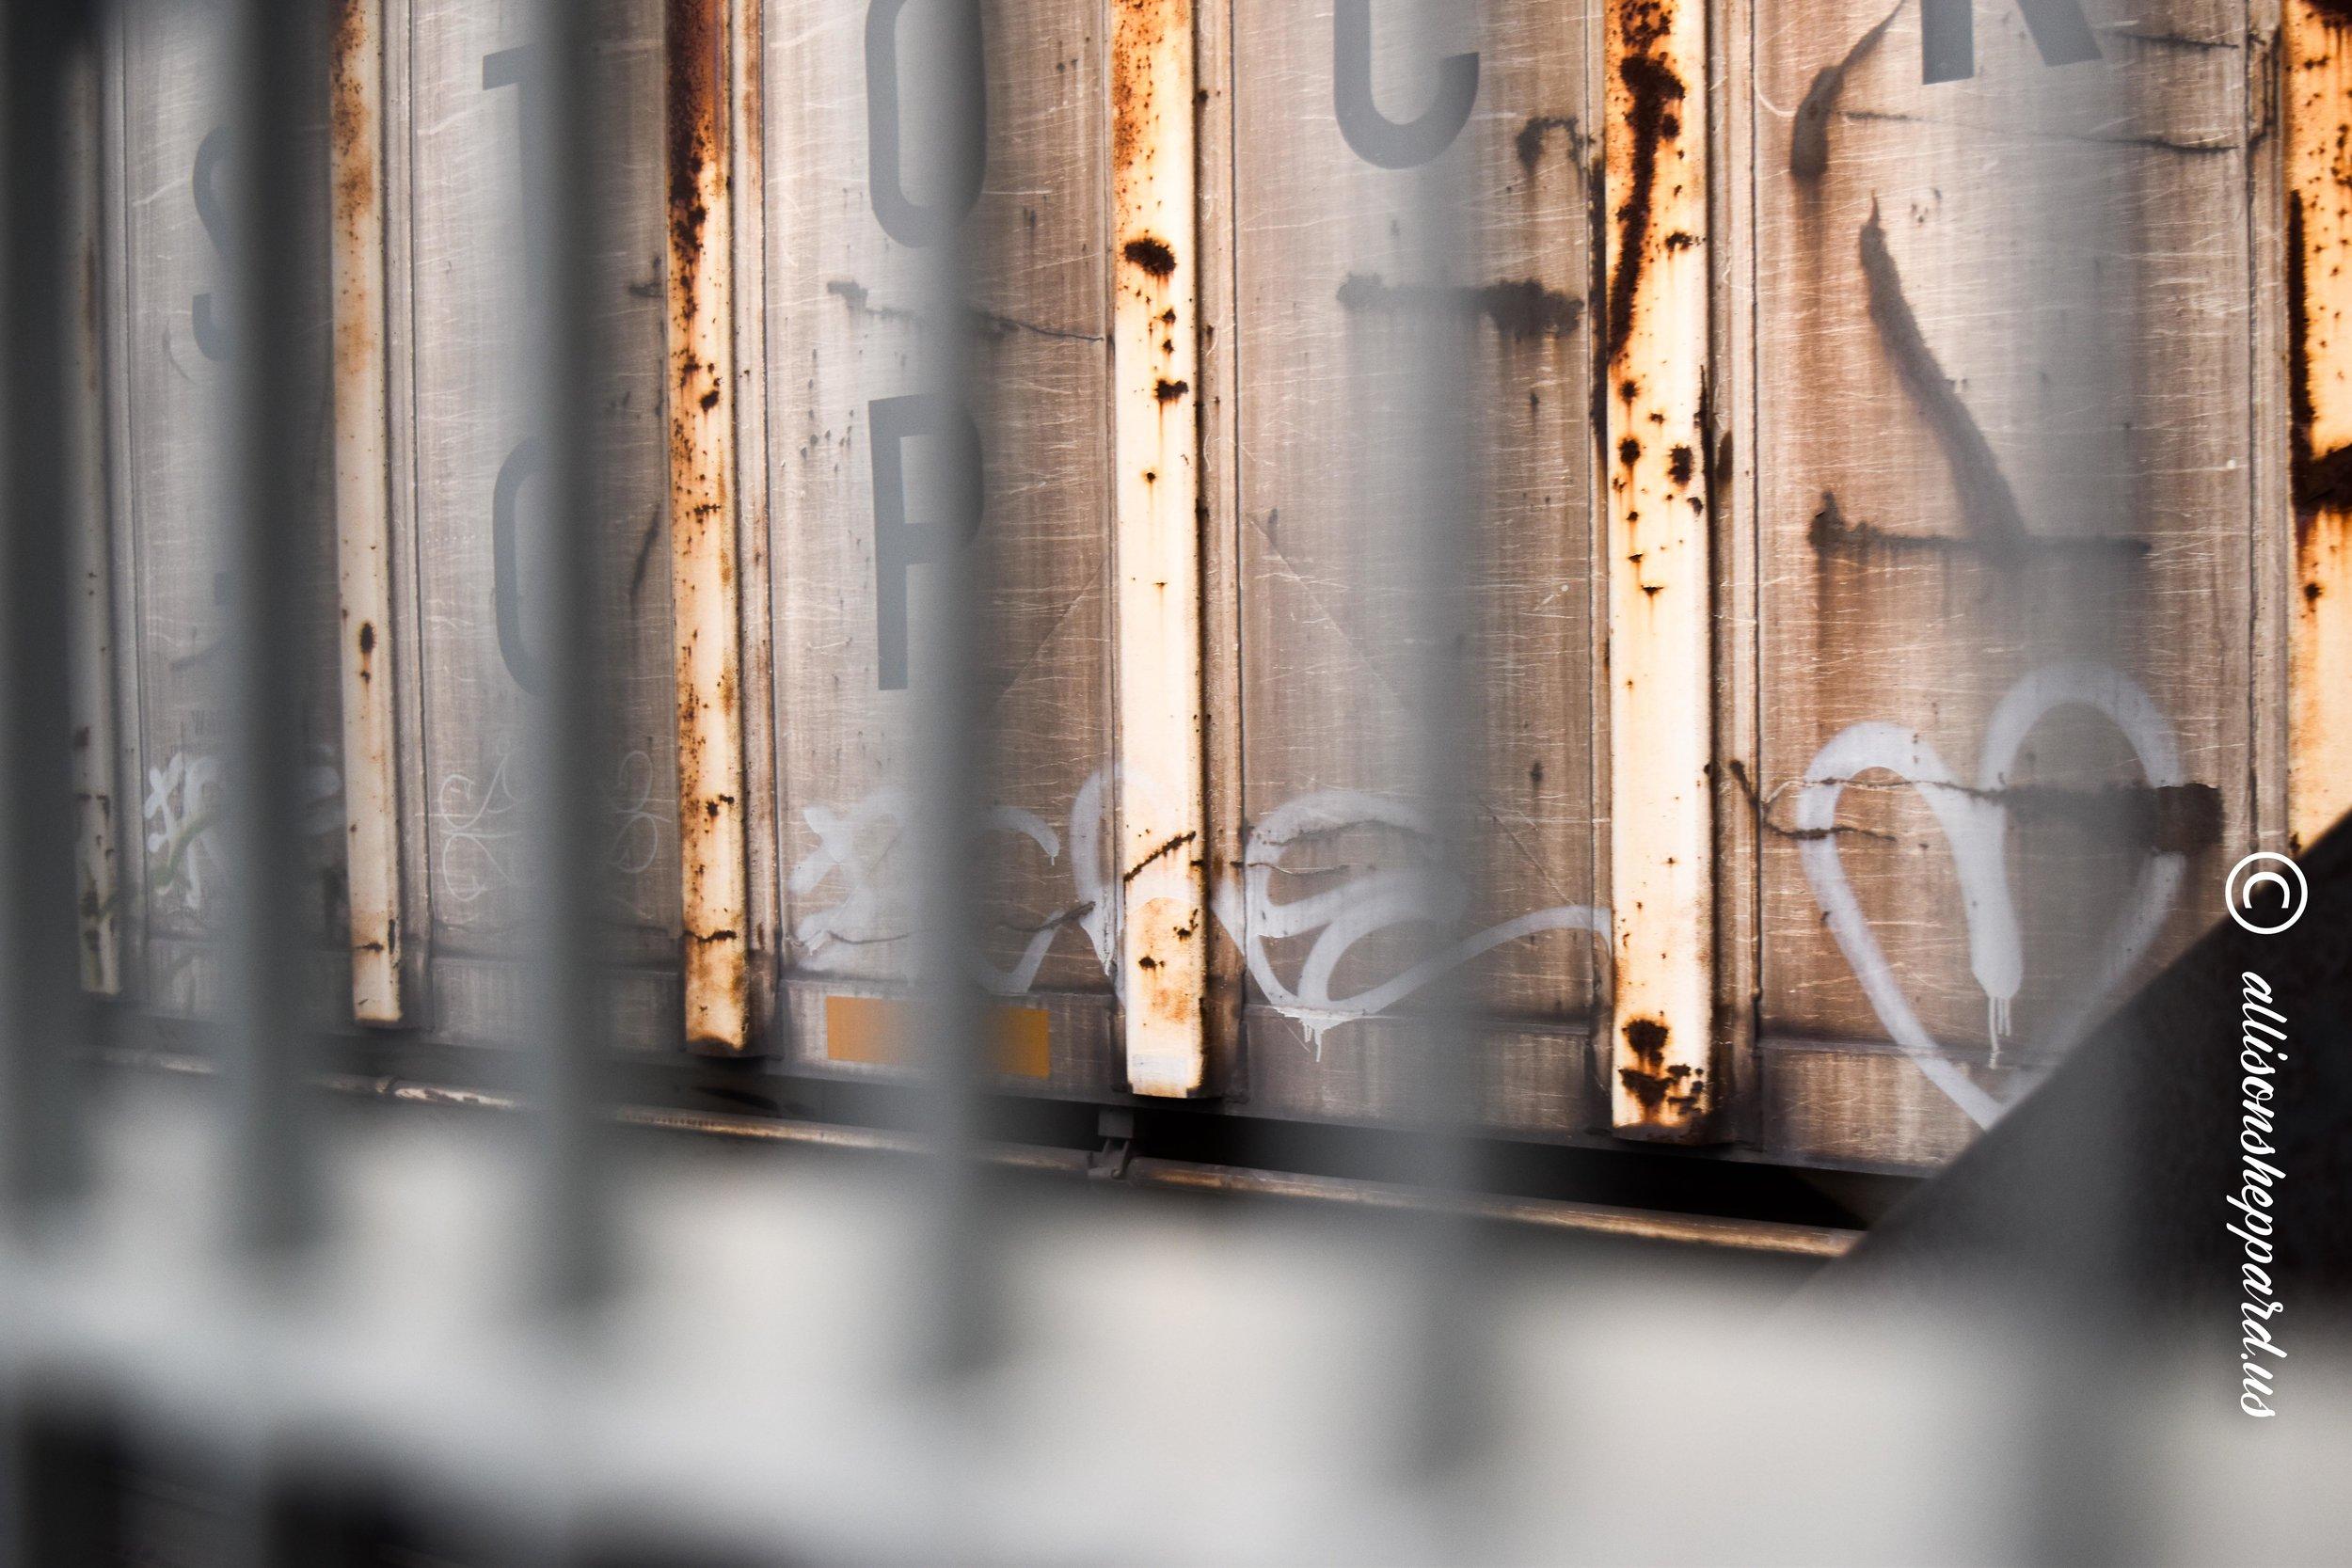 BRC-train-heart graffiti.jpg